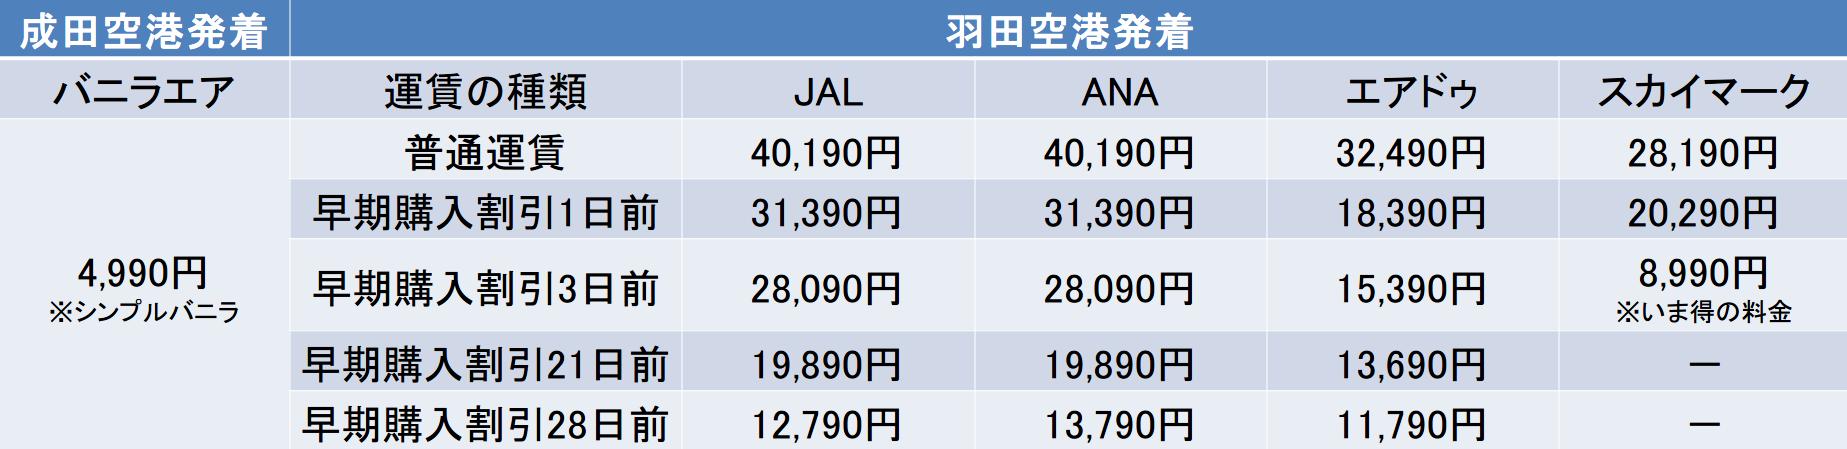 バニラエアとANAとJALとエアドゥとスカイマークの早割料金表